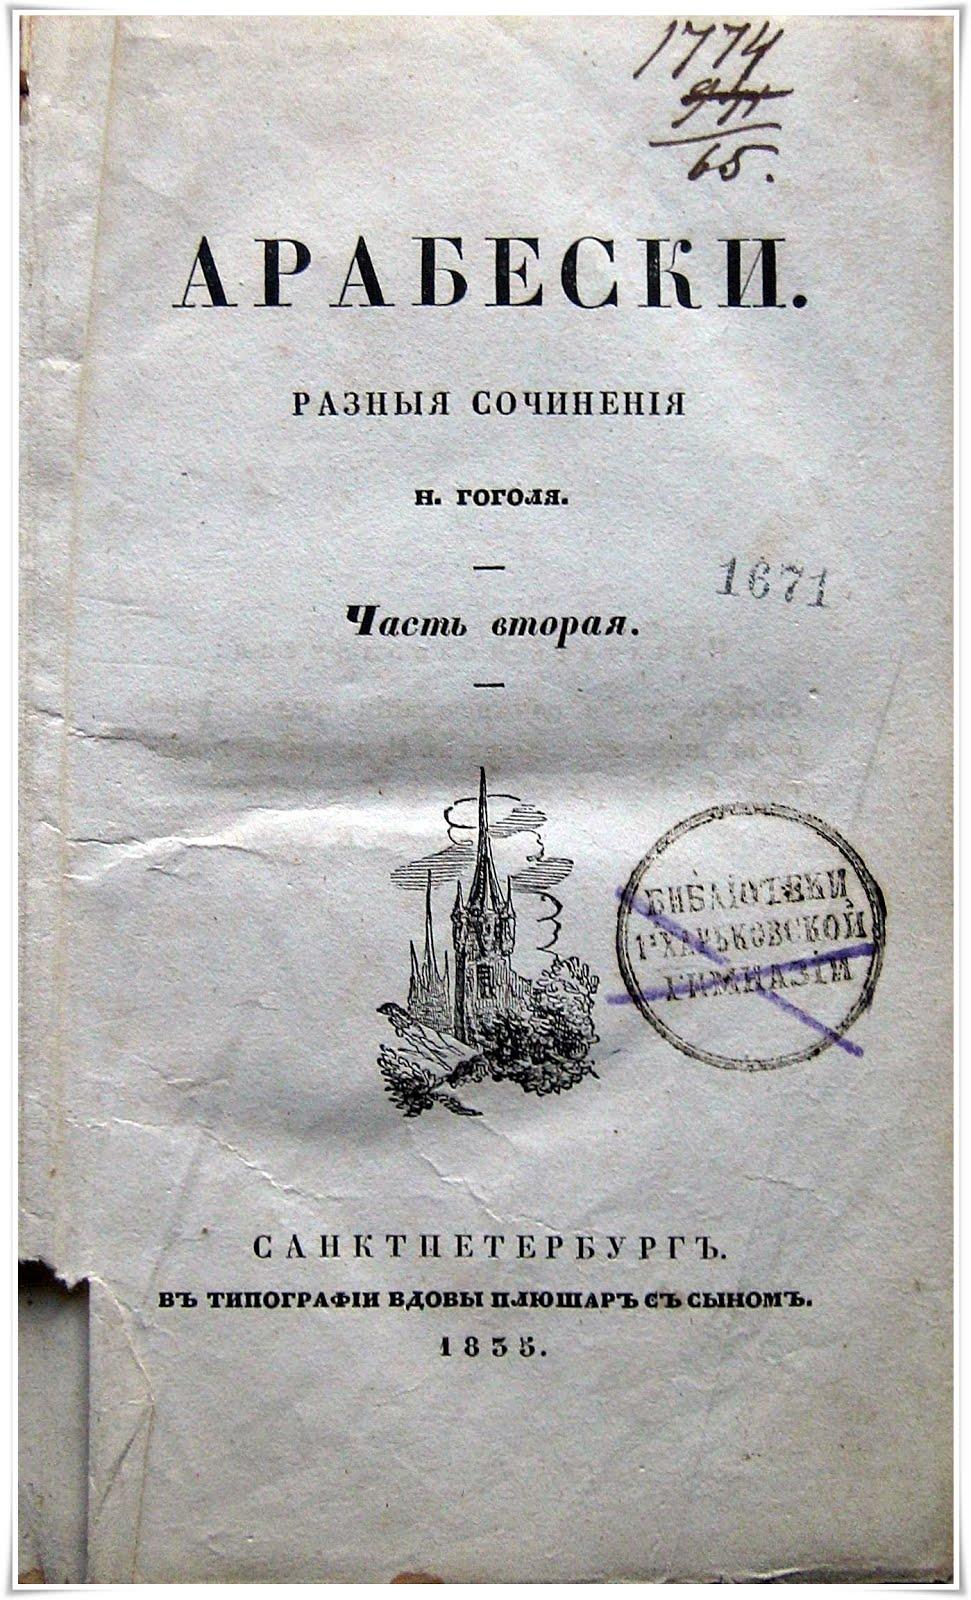 Арабески. Разные сочинения. Ч. 2. –  СПб. : Вдова Плюшар с сыном, 1835. – 276 с.